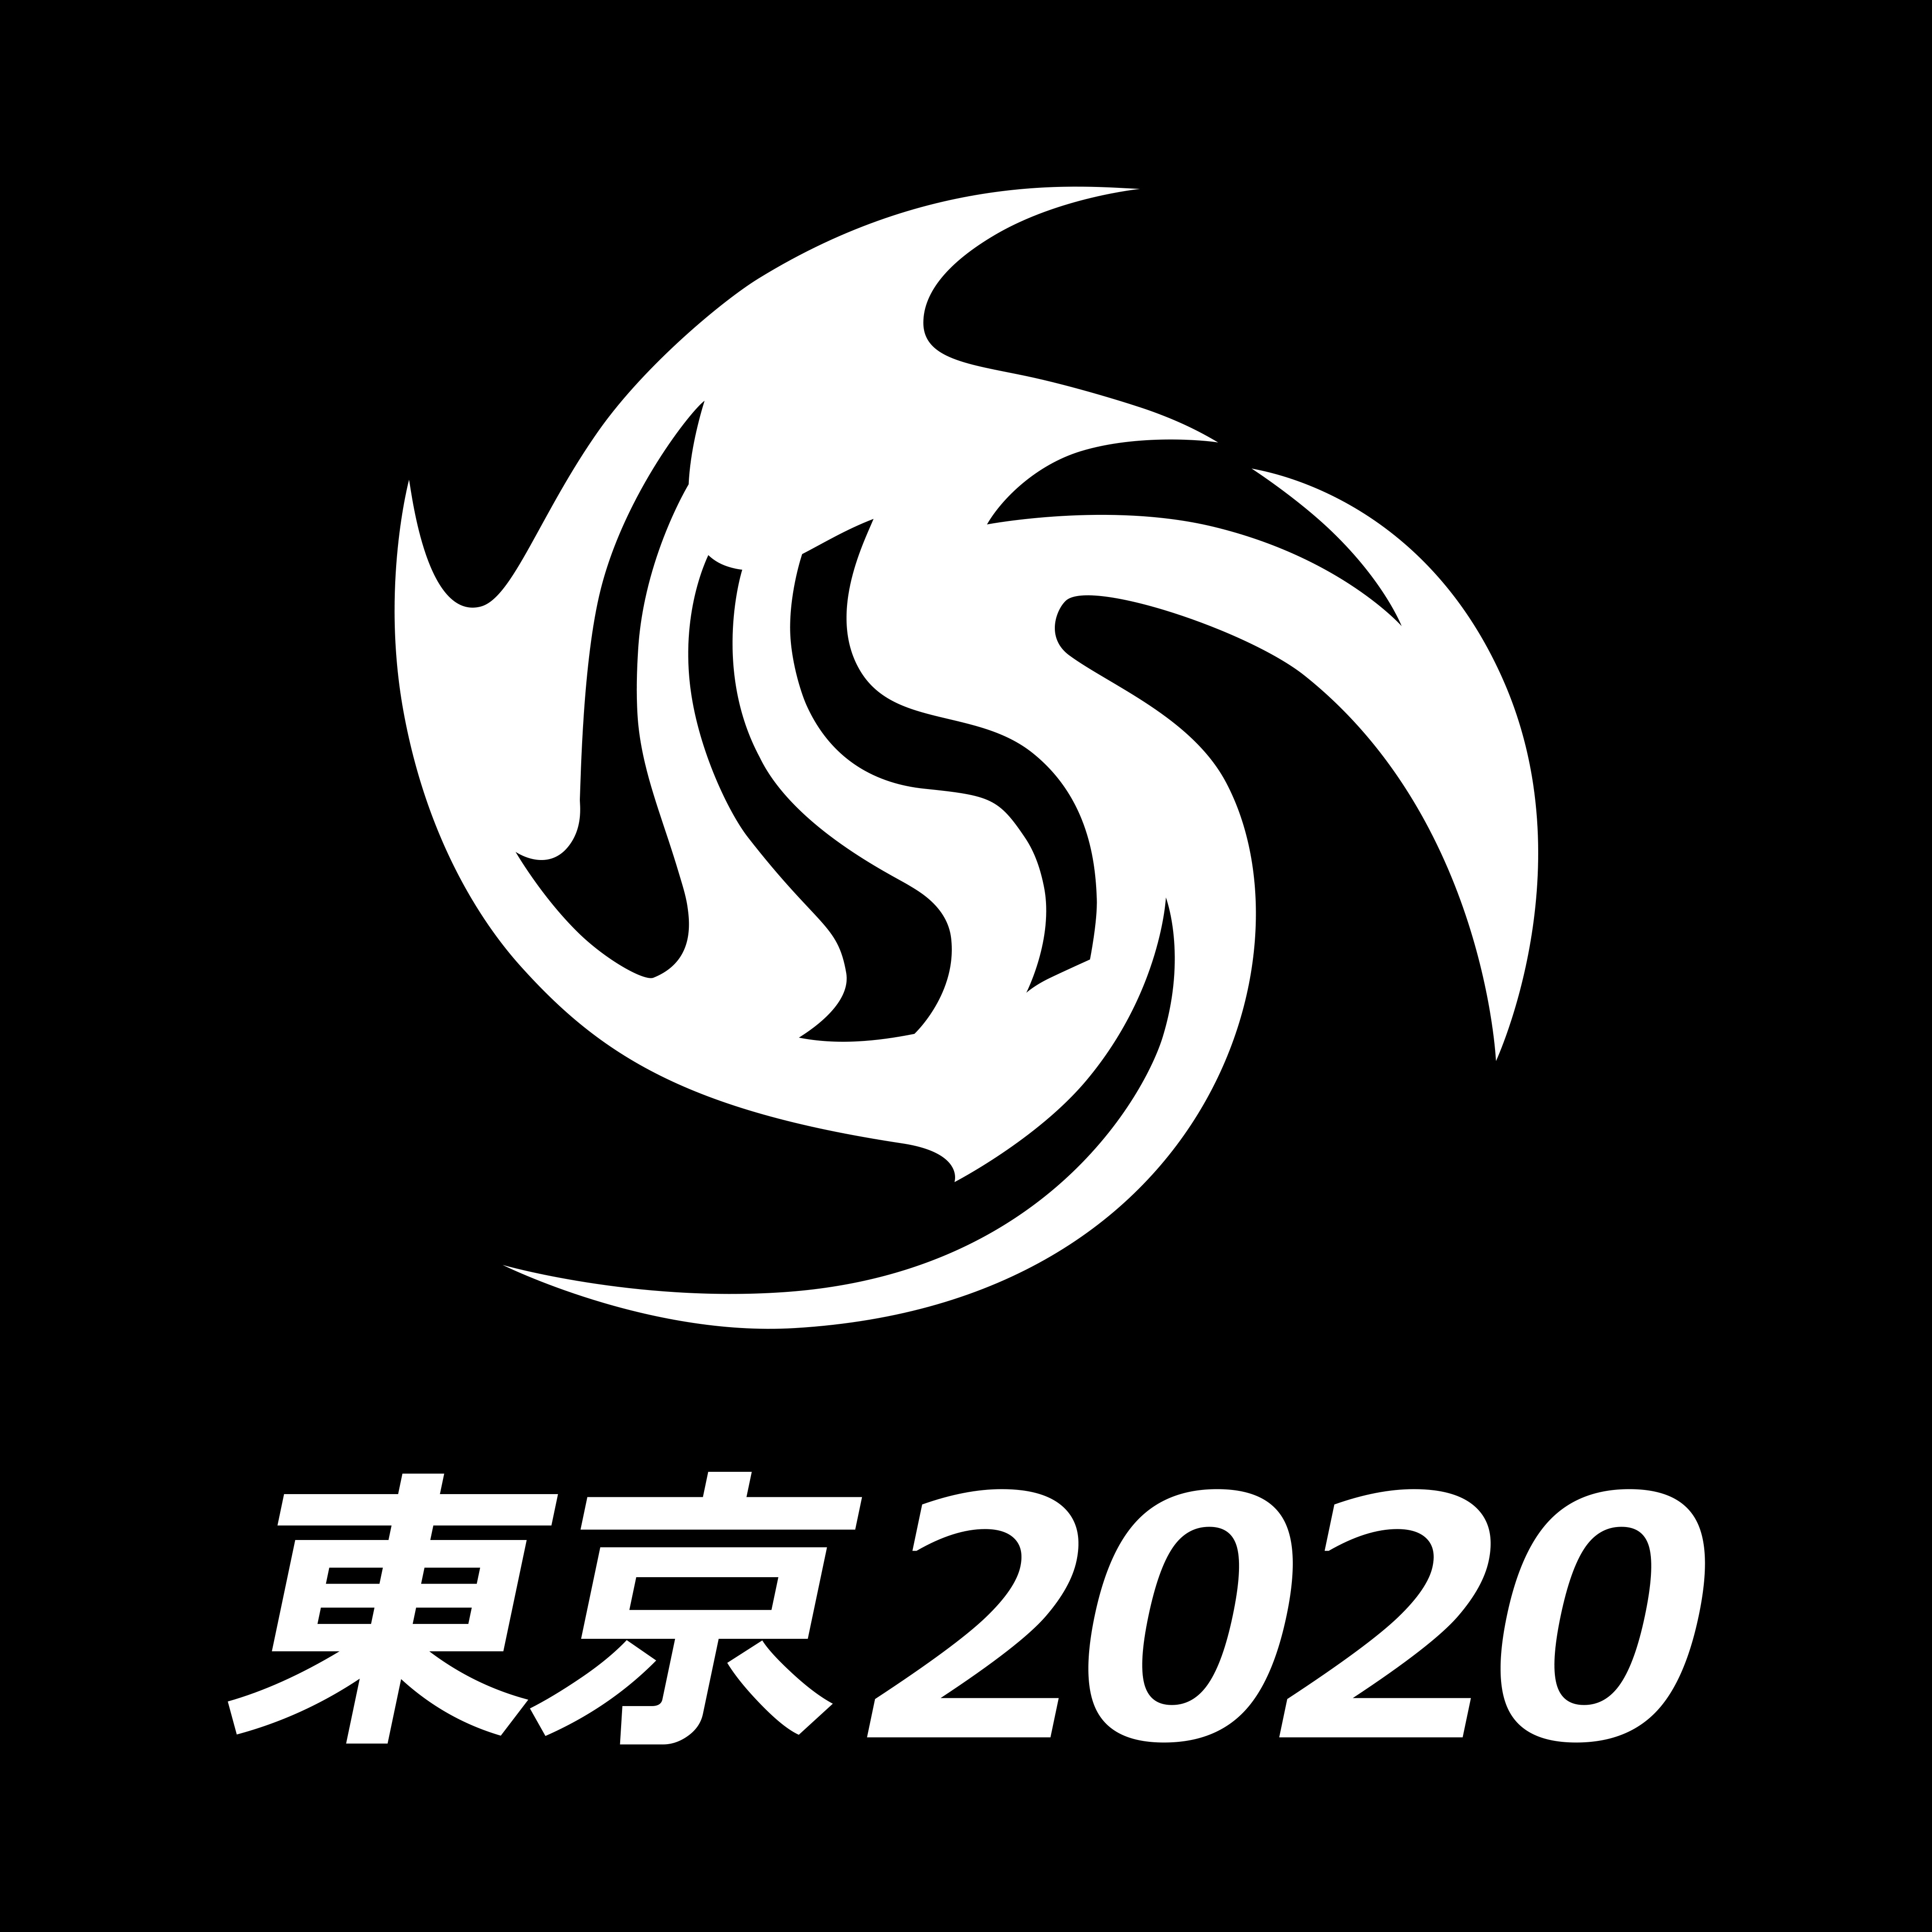 見放題東京2020